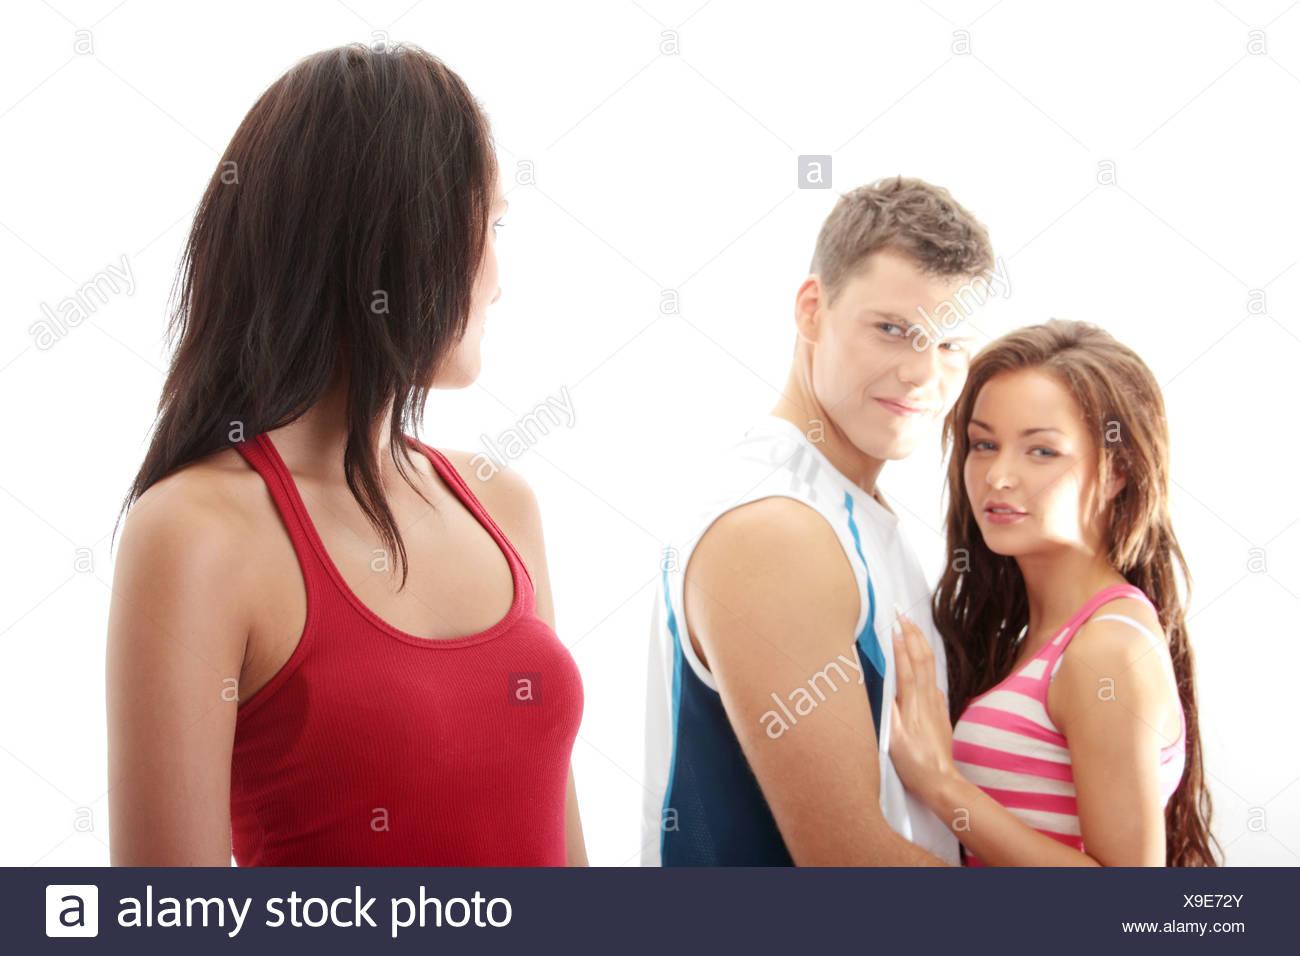 Petit ami infidèle concept. Petit ami est en train de flirter avec une autre fille. Isolé sur fond blanc Banque D'Images